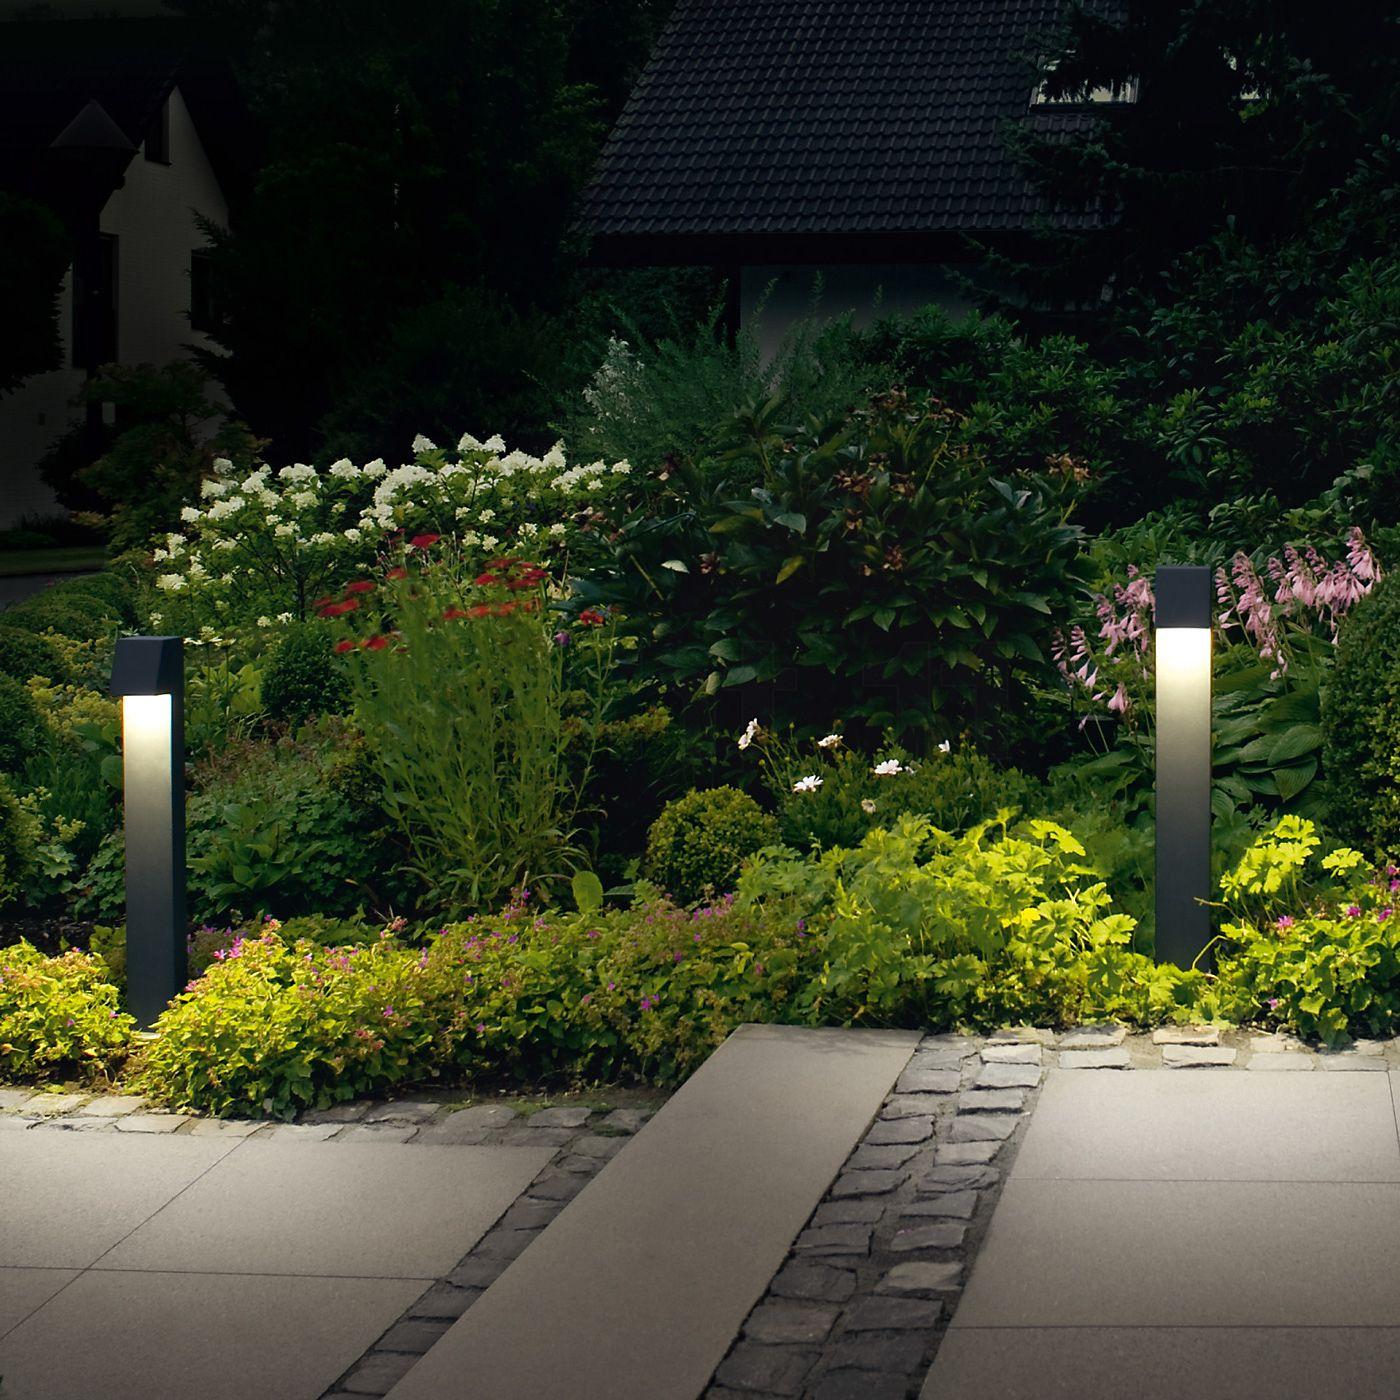 40 Different Garden Pathway Ideas: Bega 77237/77238 - Pollerleuchte LED